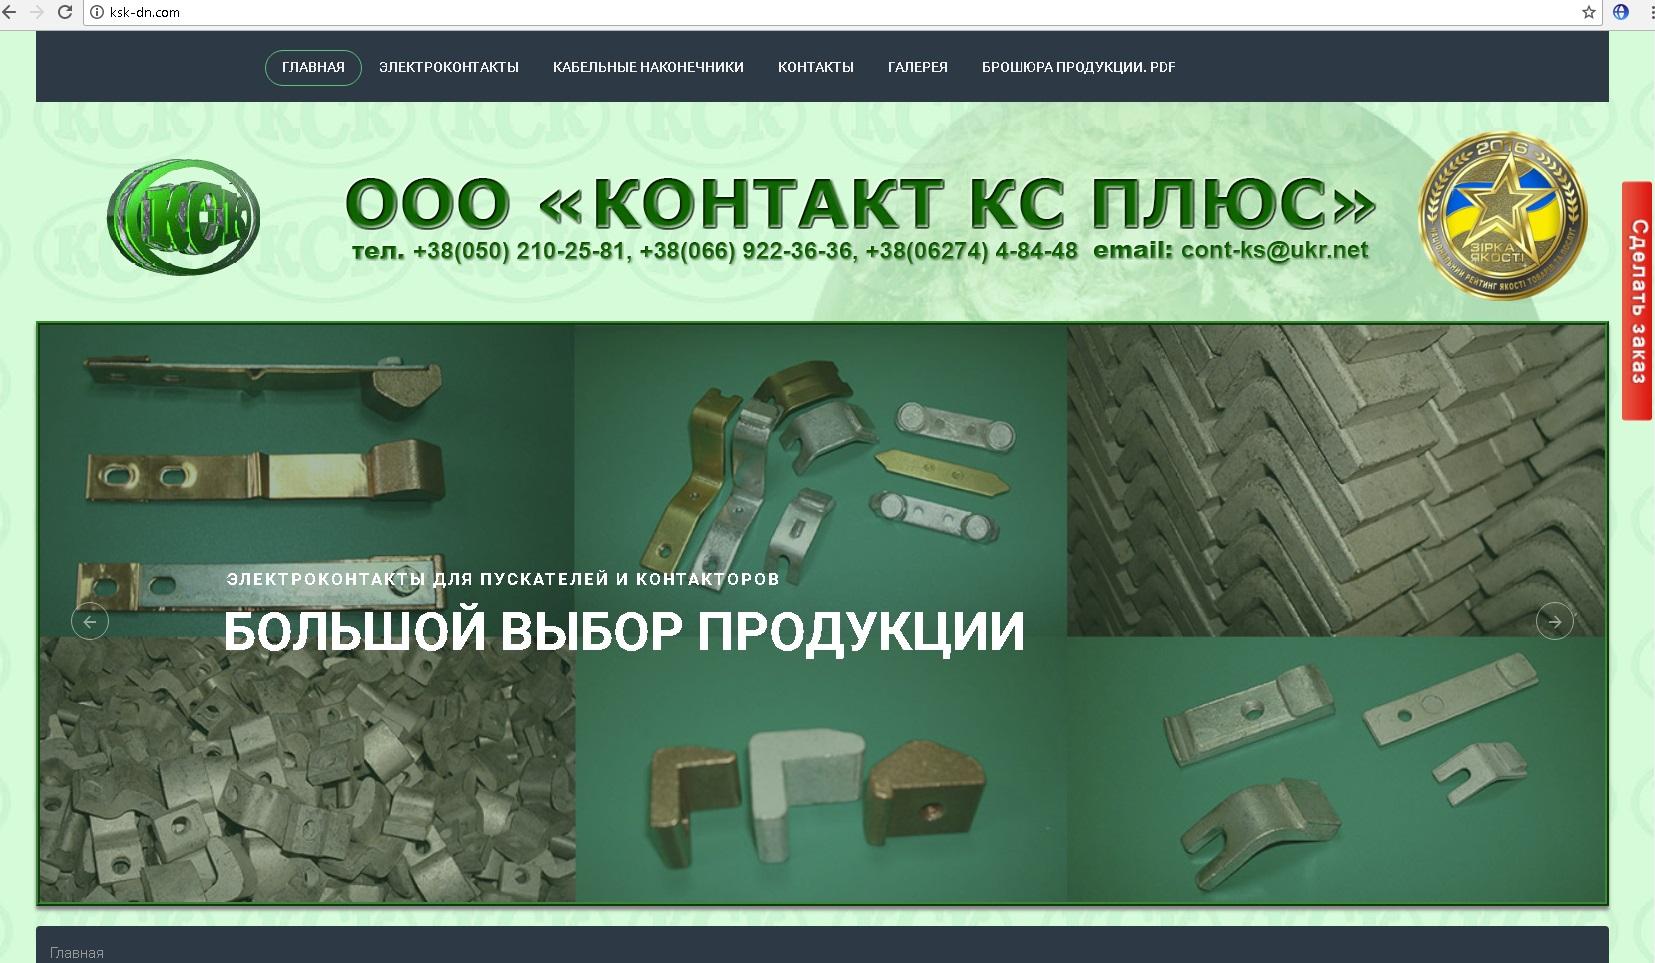 ООО «Контакт КС Плюс» - лидер в производстве кабельных наконечников, электроконтактов